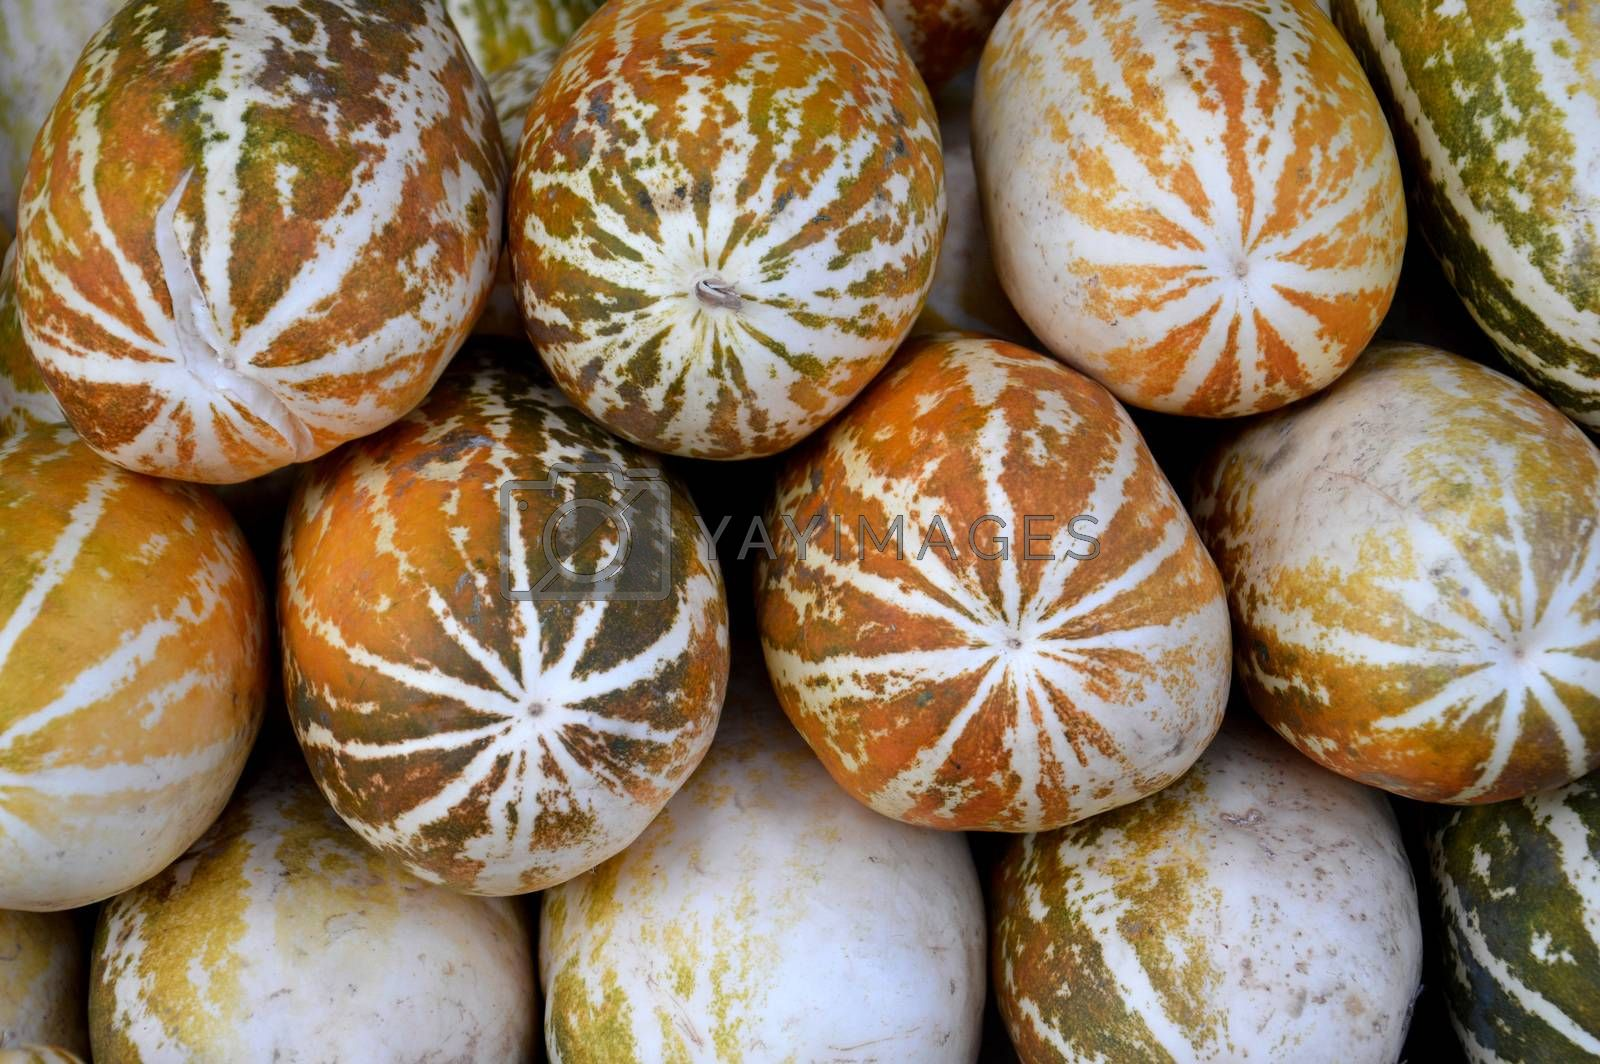 cantaloupe fruit by antonihalim